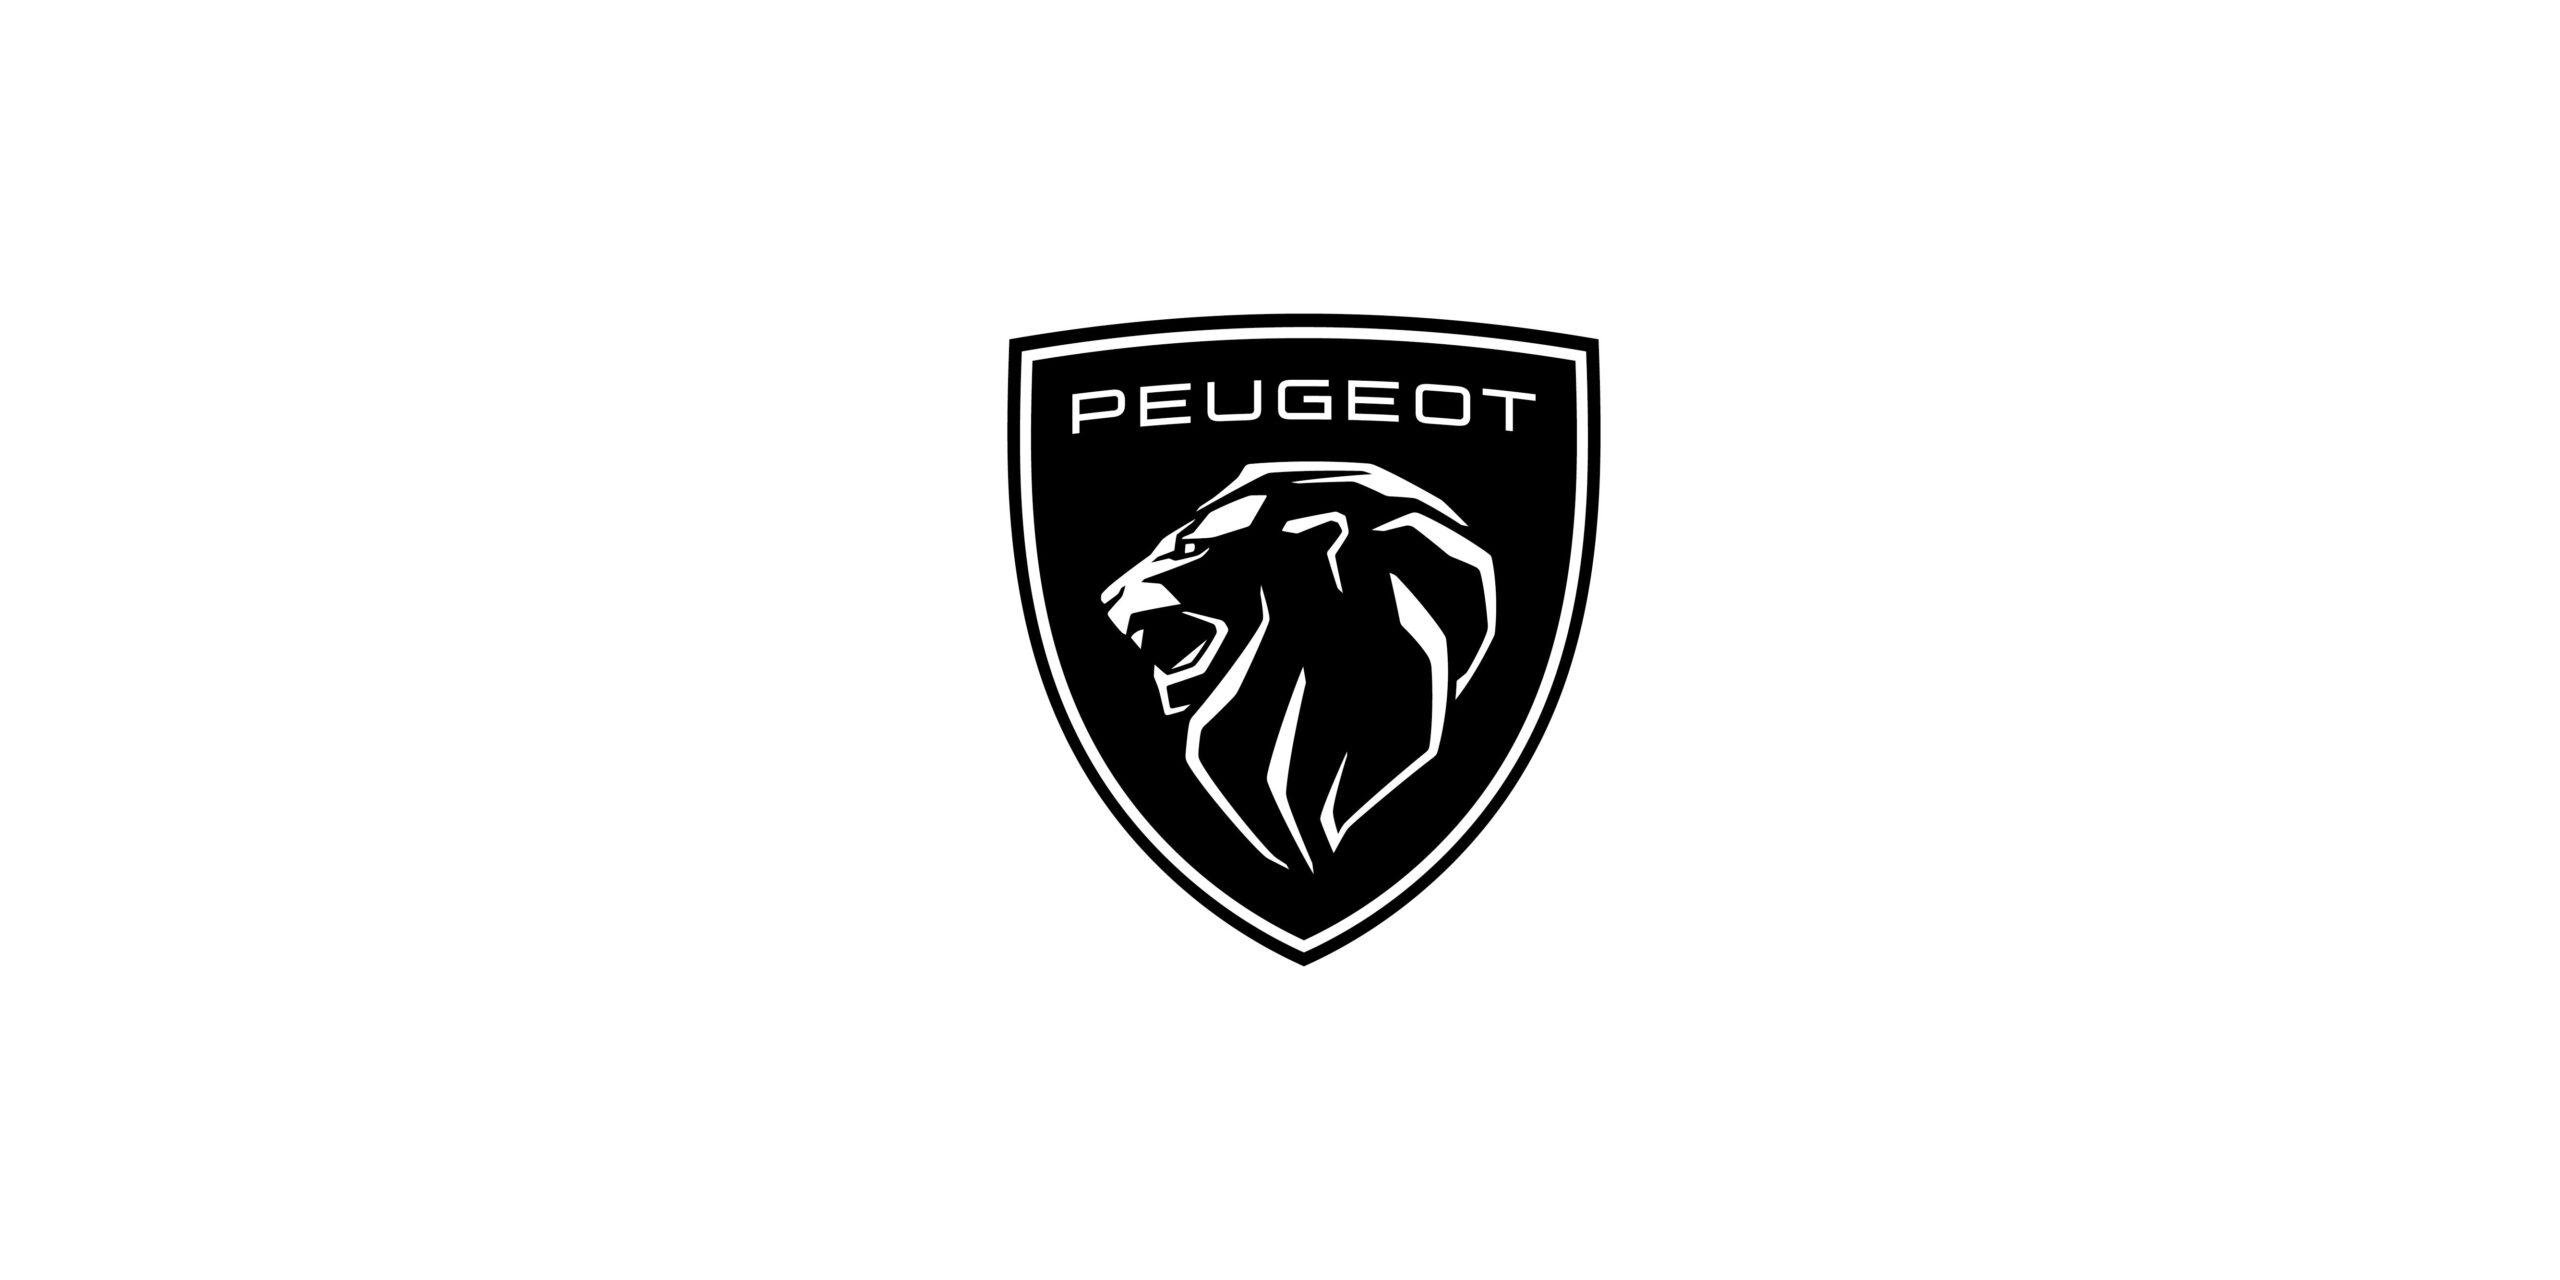 Peugeot estrena logo e imagen de marca